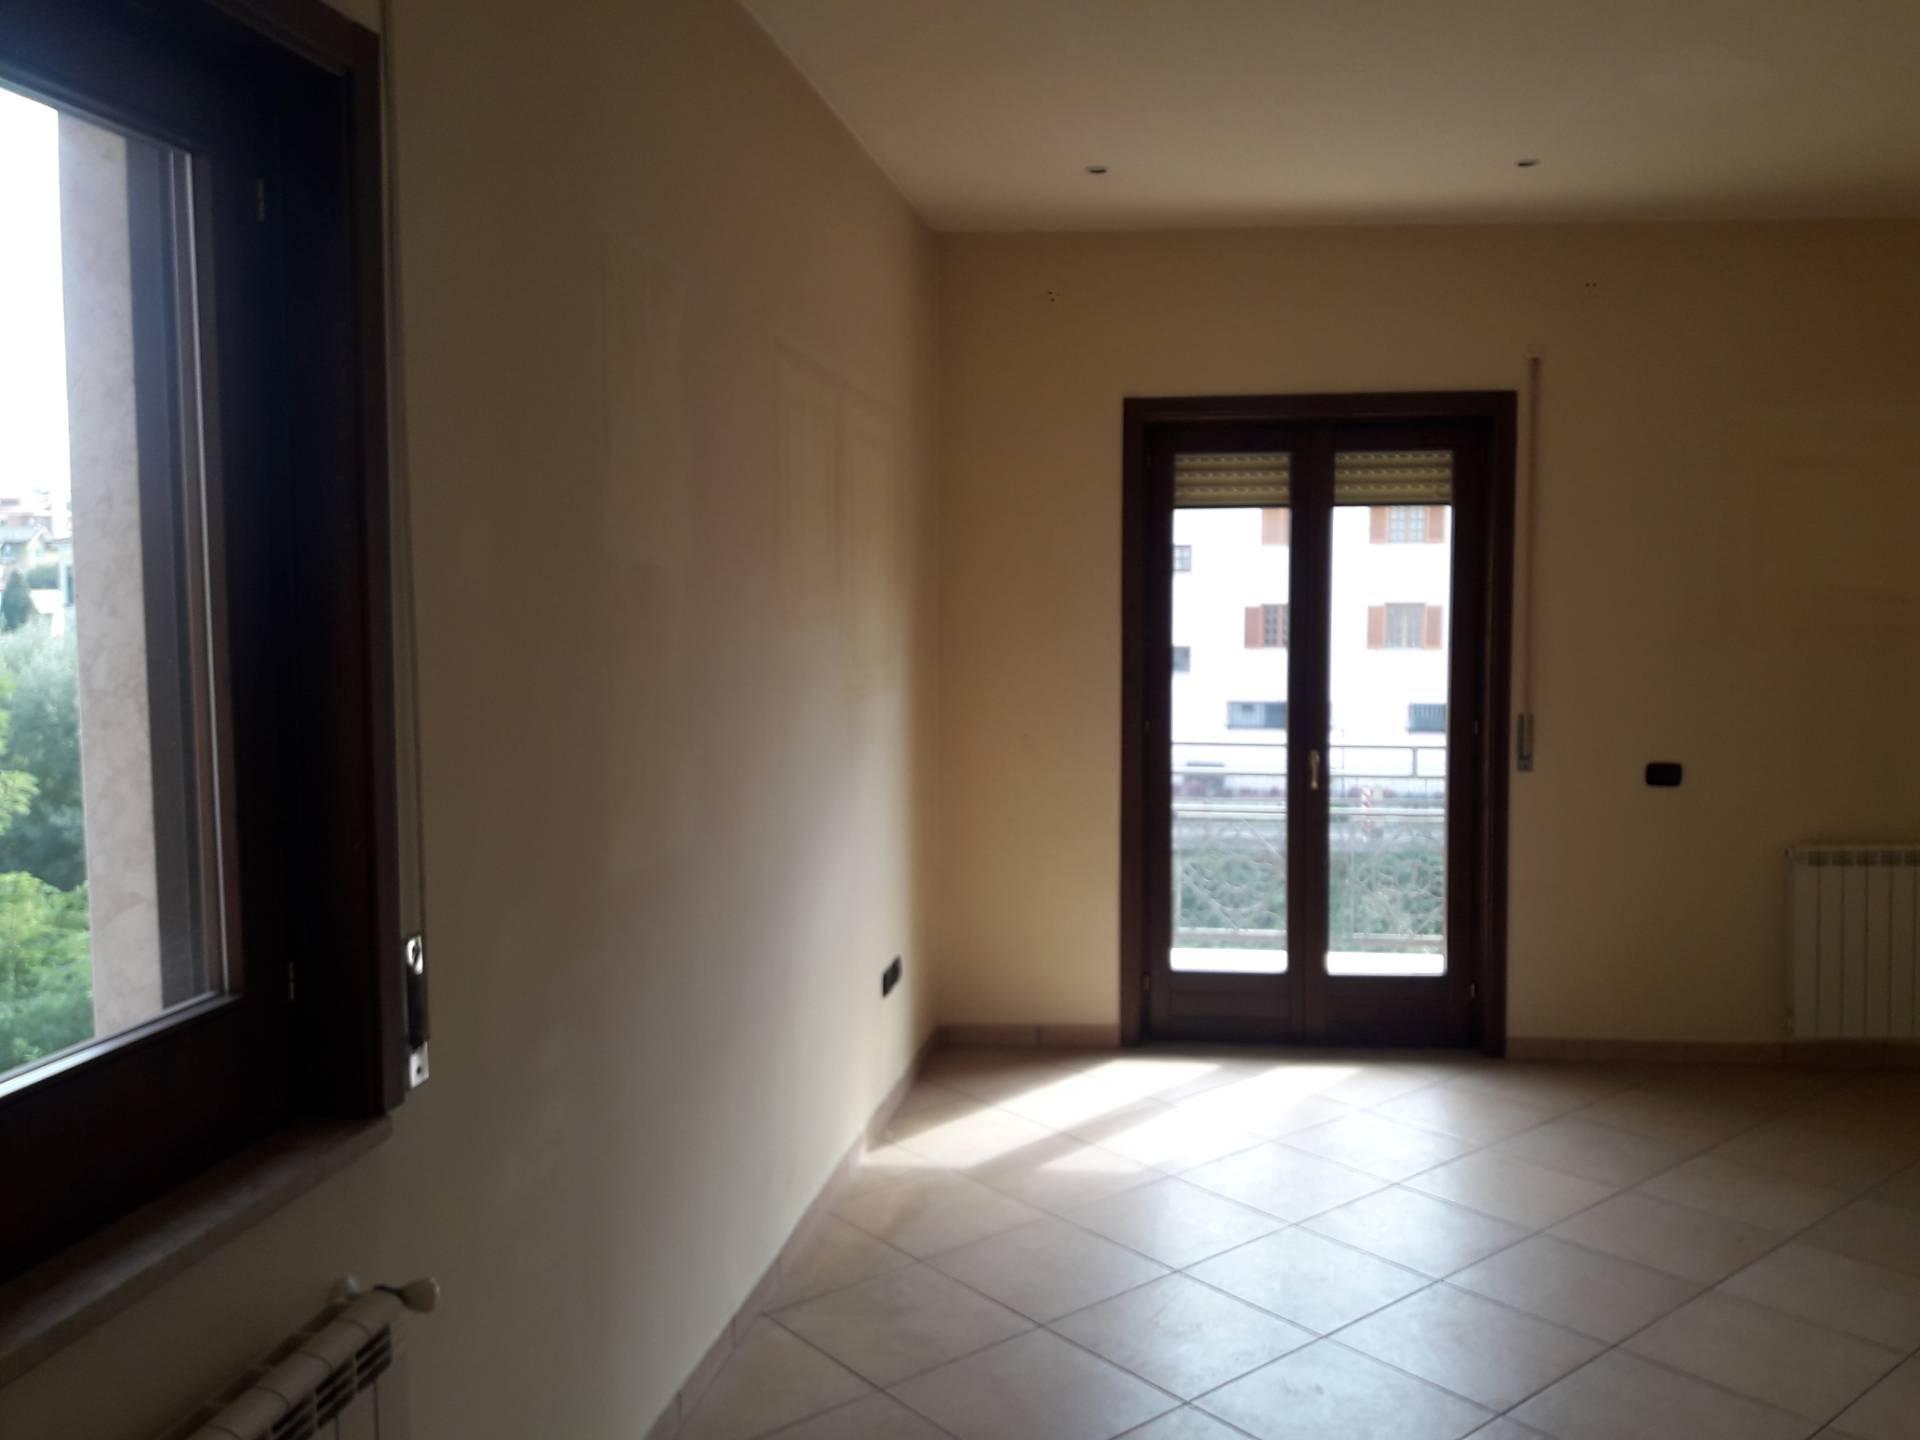 frosinone vendita quart: centro ok-casaimmobiliare-di-paolo-simone